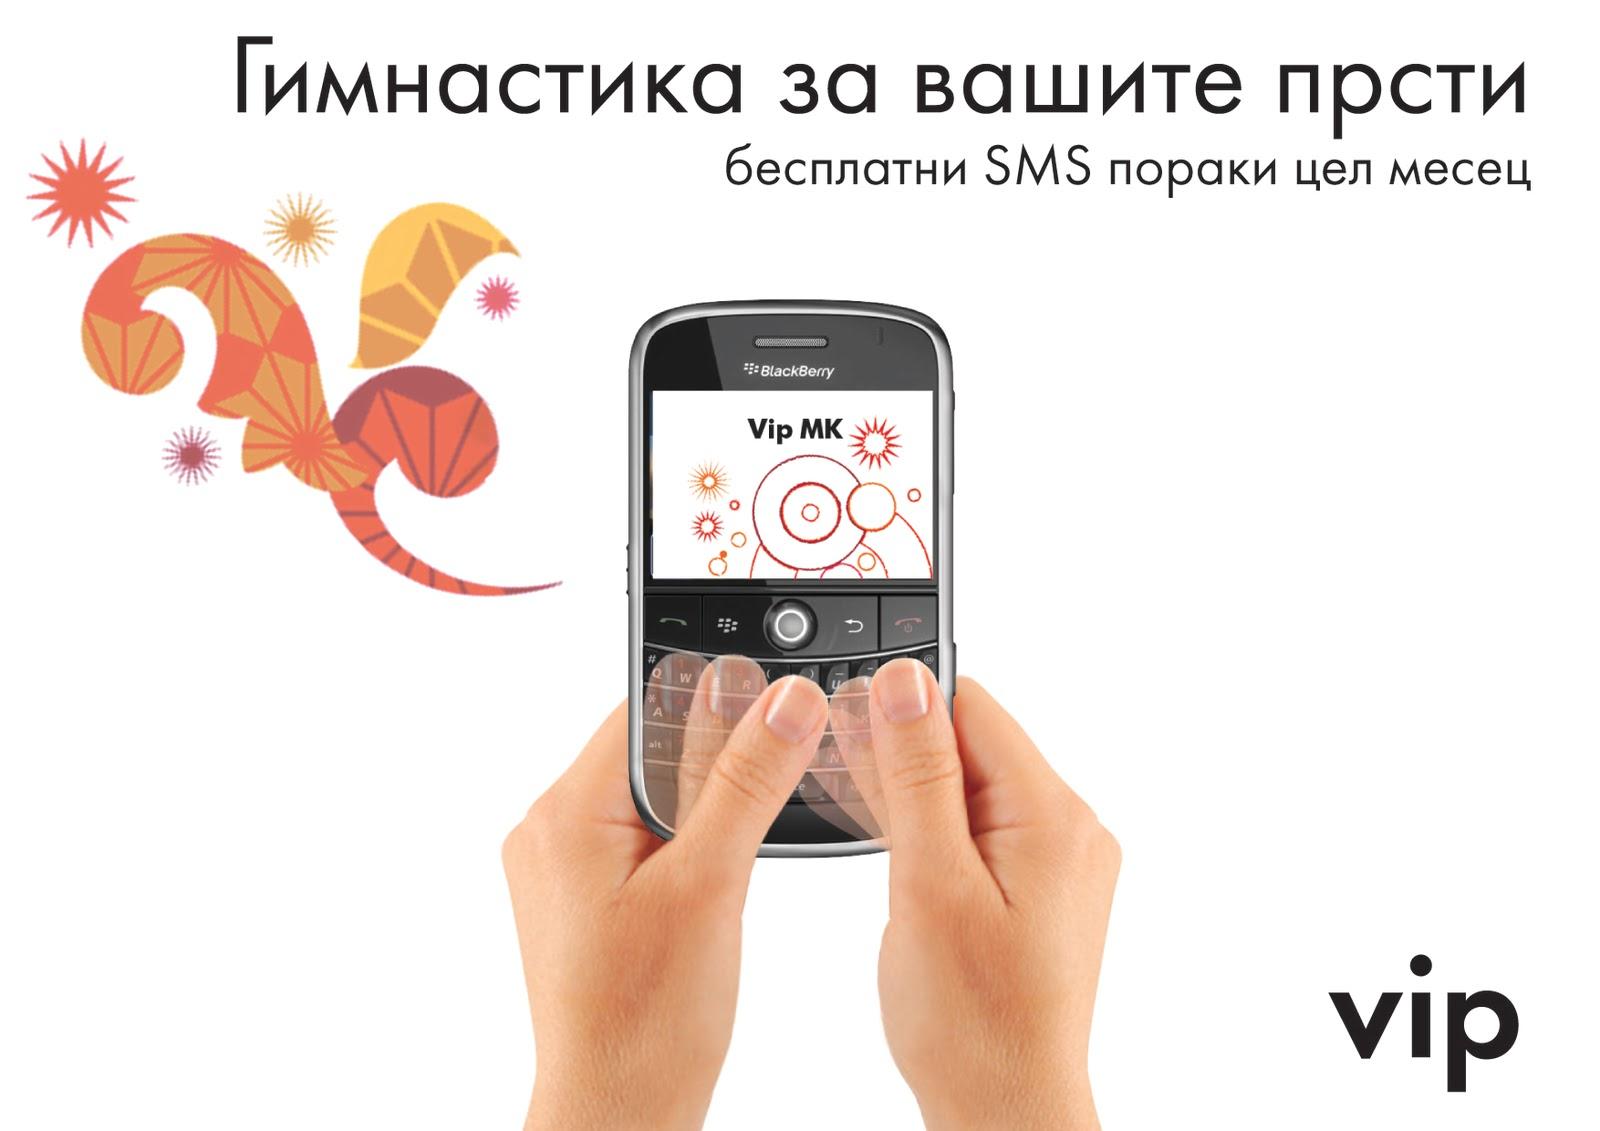 Vip Mk